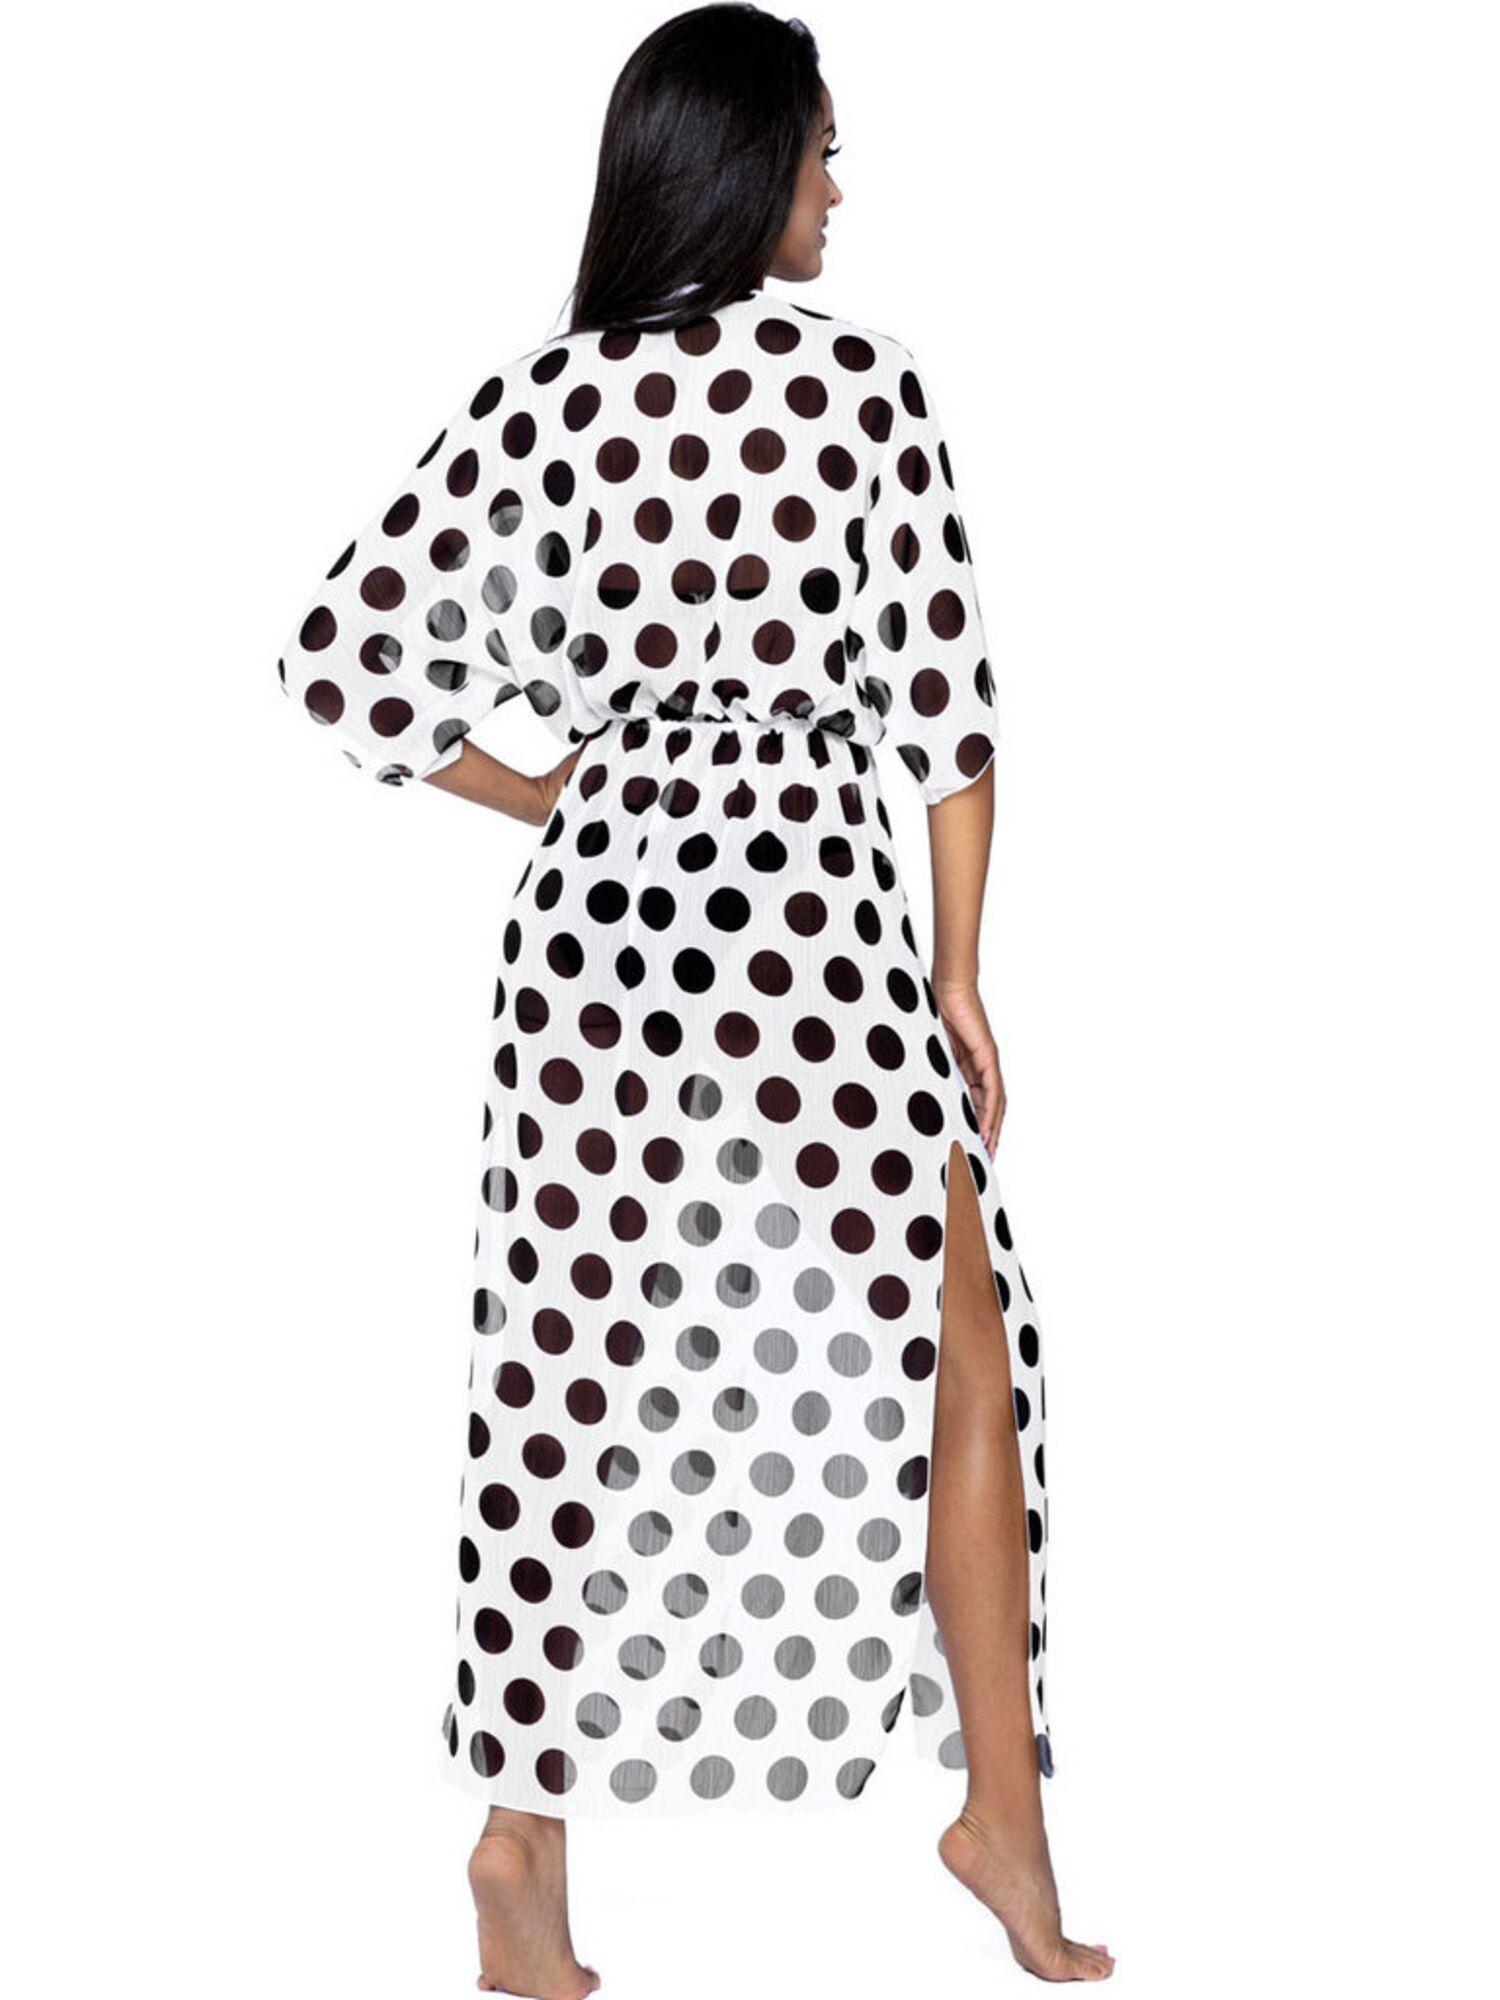 Платье пляжное женское белое в черный горох L6028/0, LORIN